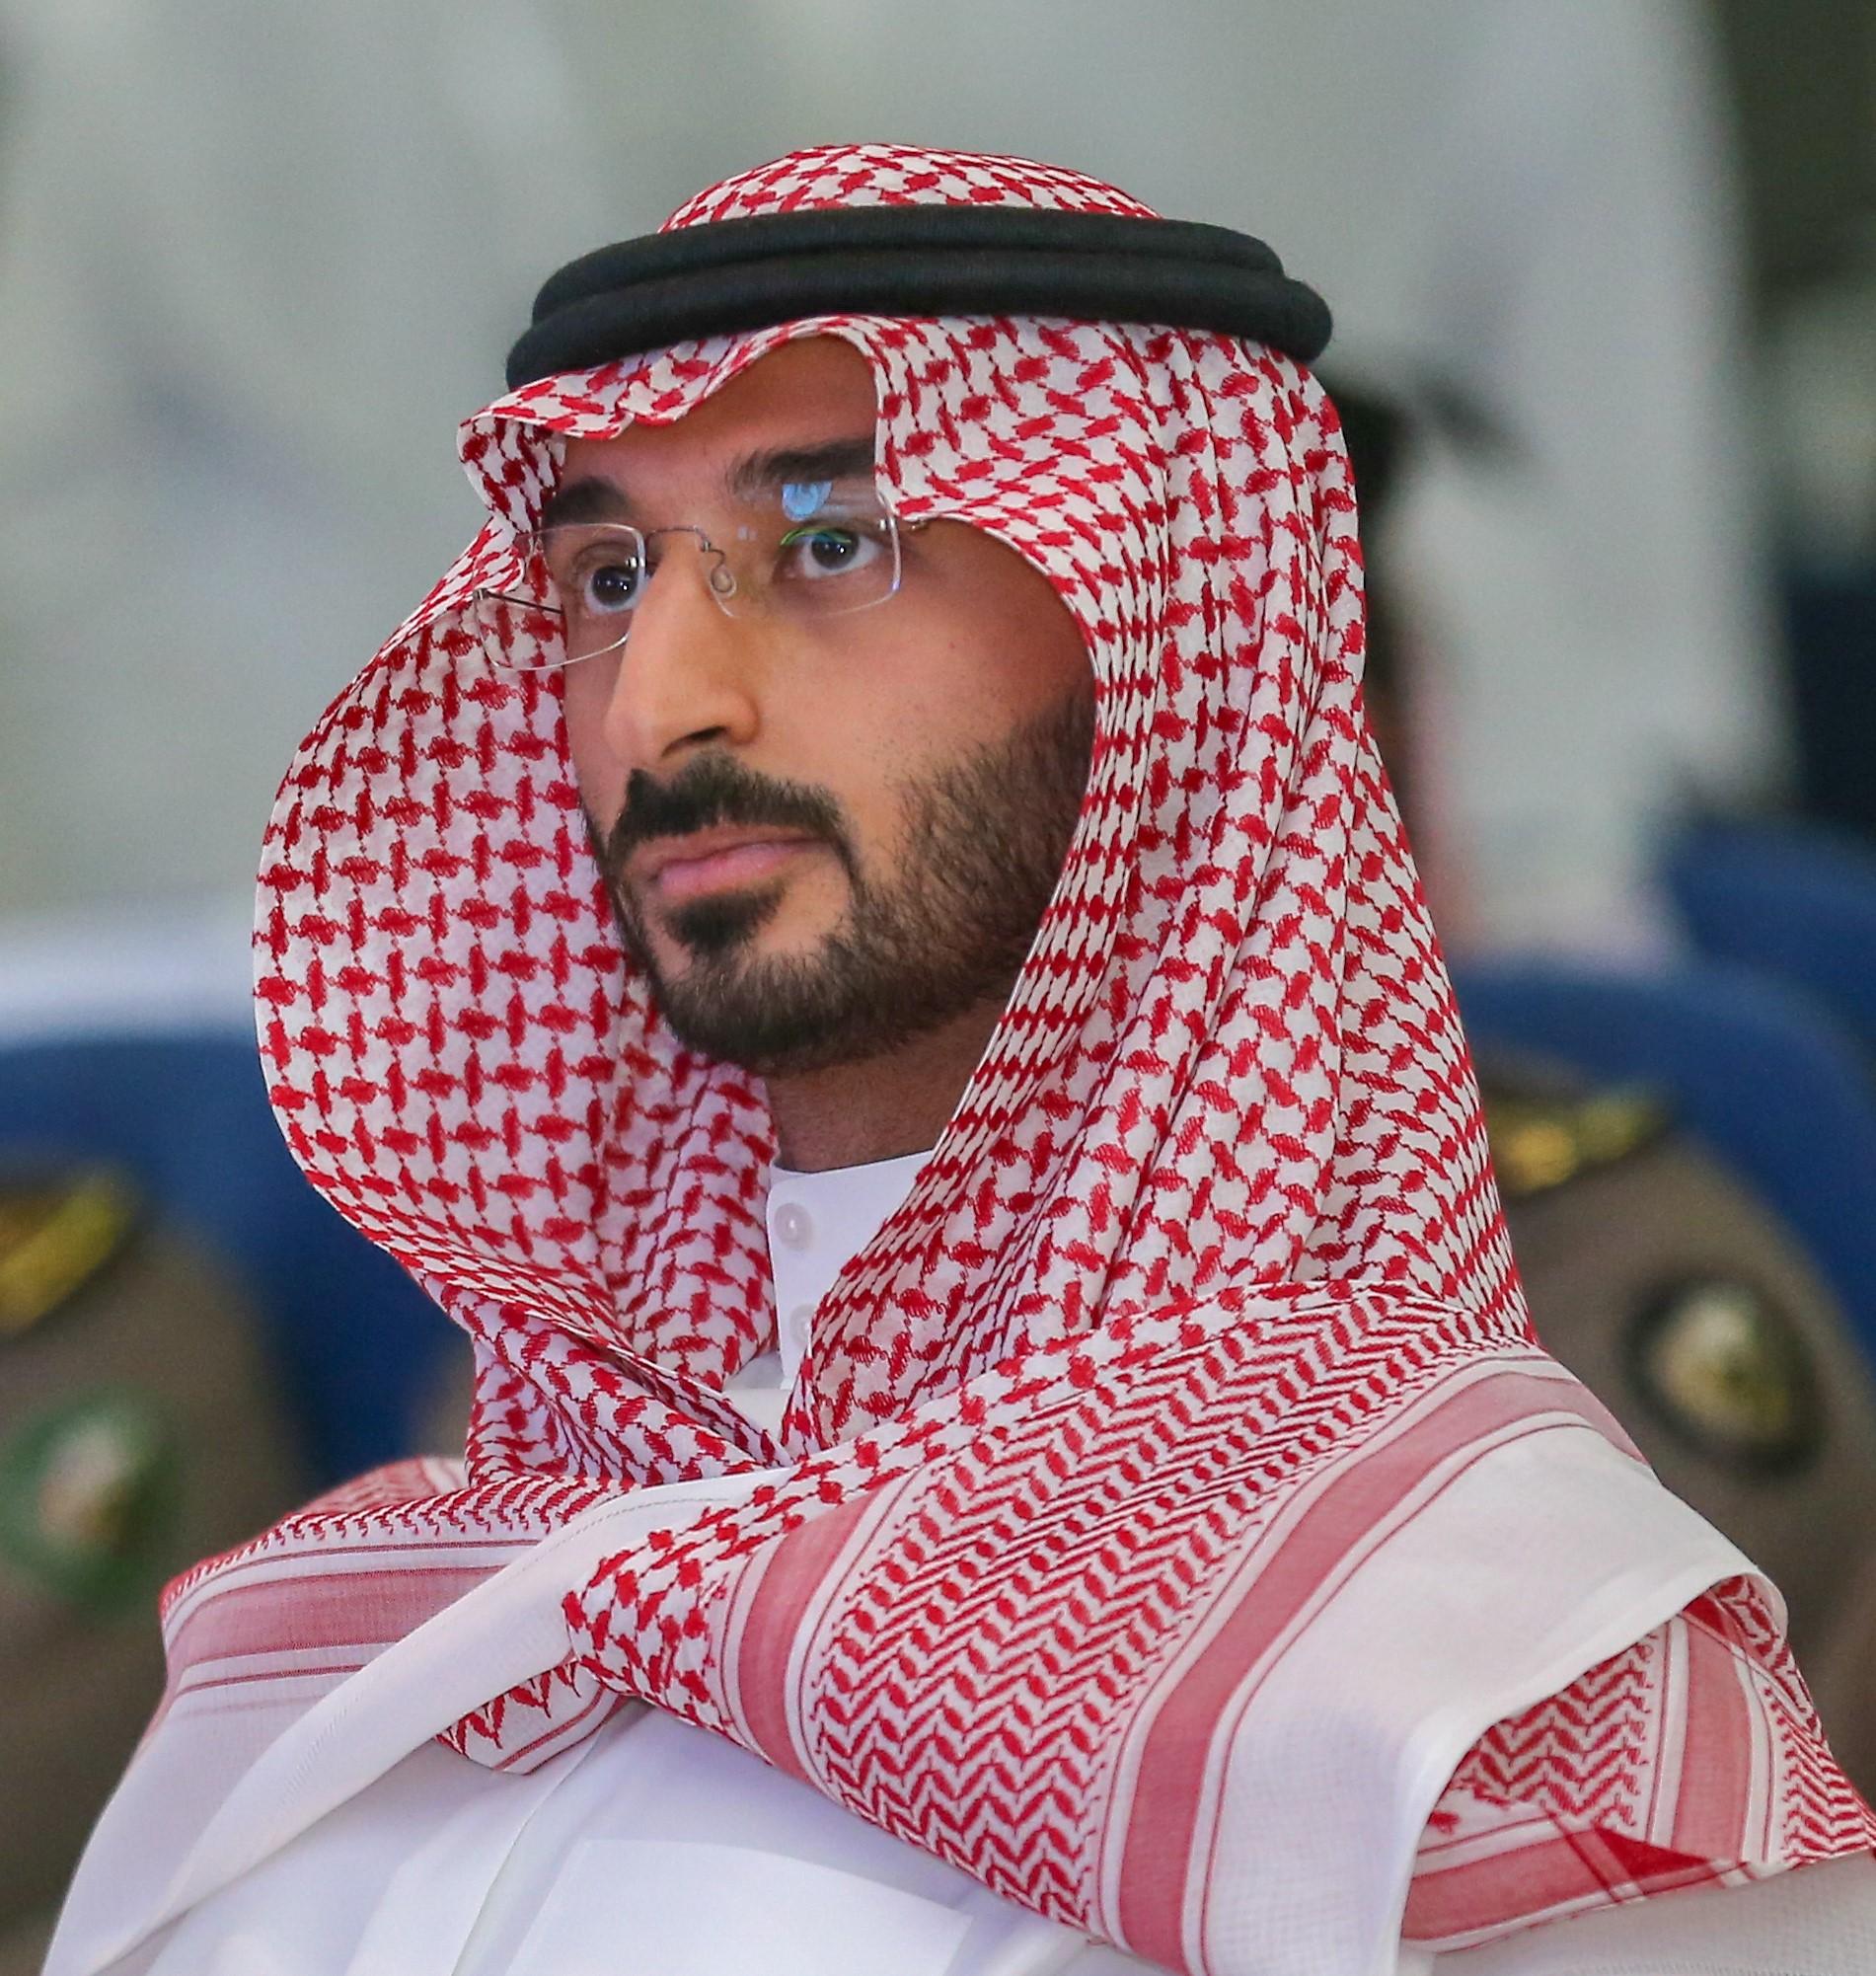 عبد الله بن بندر بن عبد العزيز آل سعود ويكيبيديا